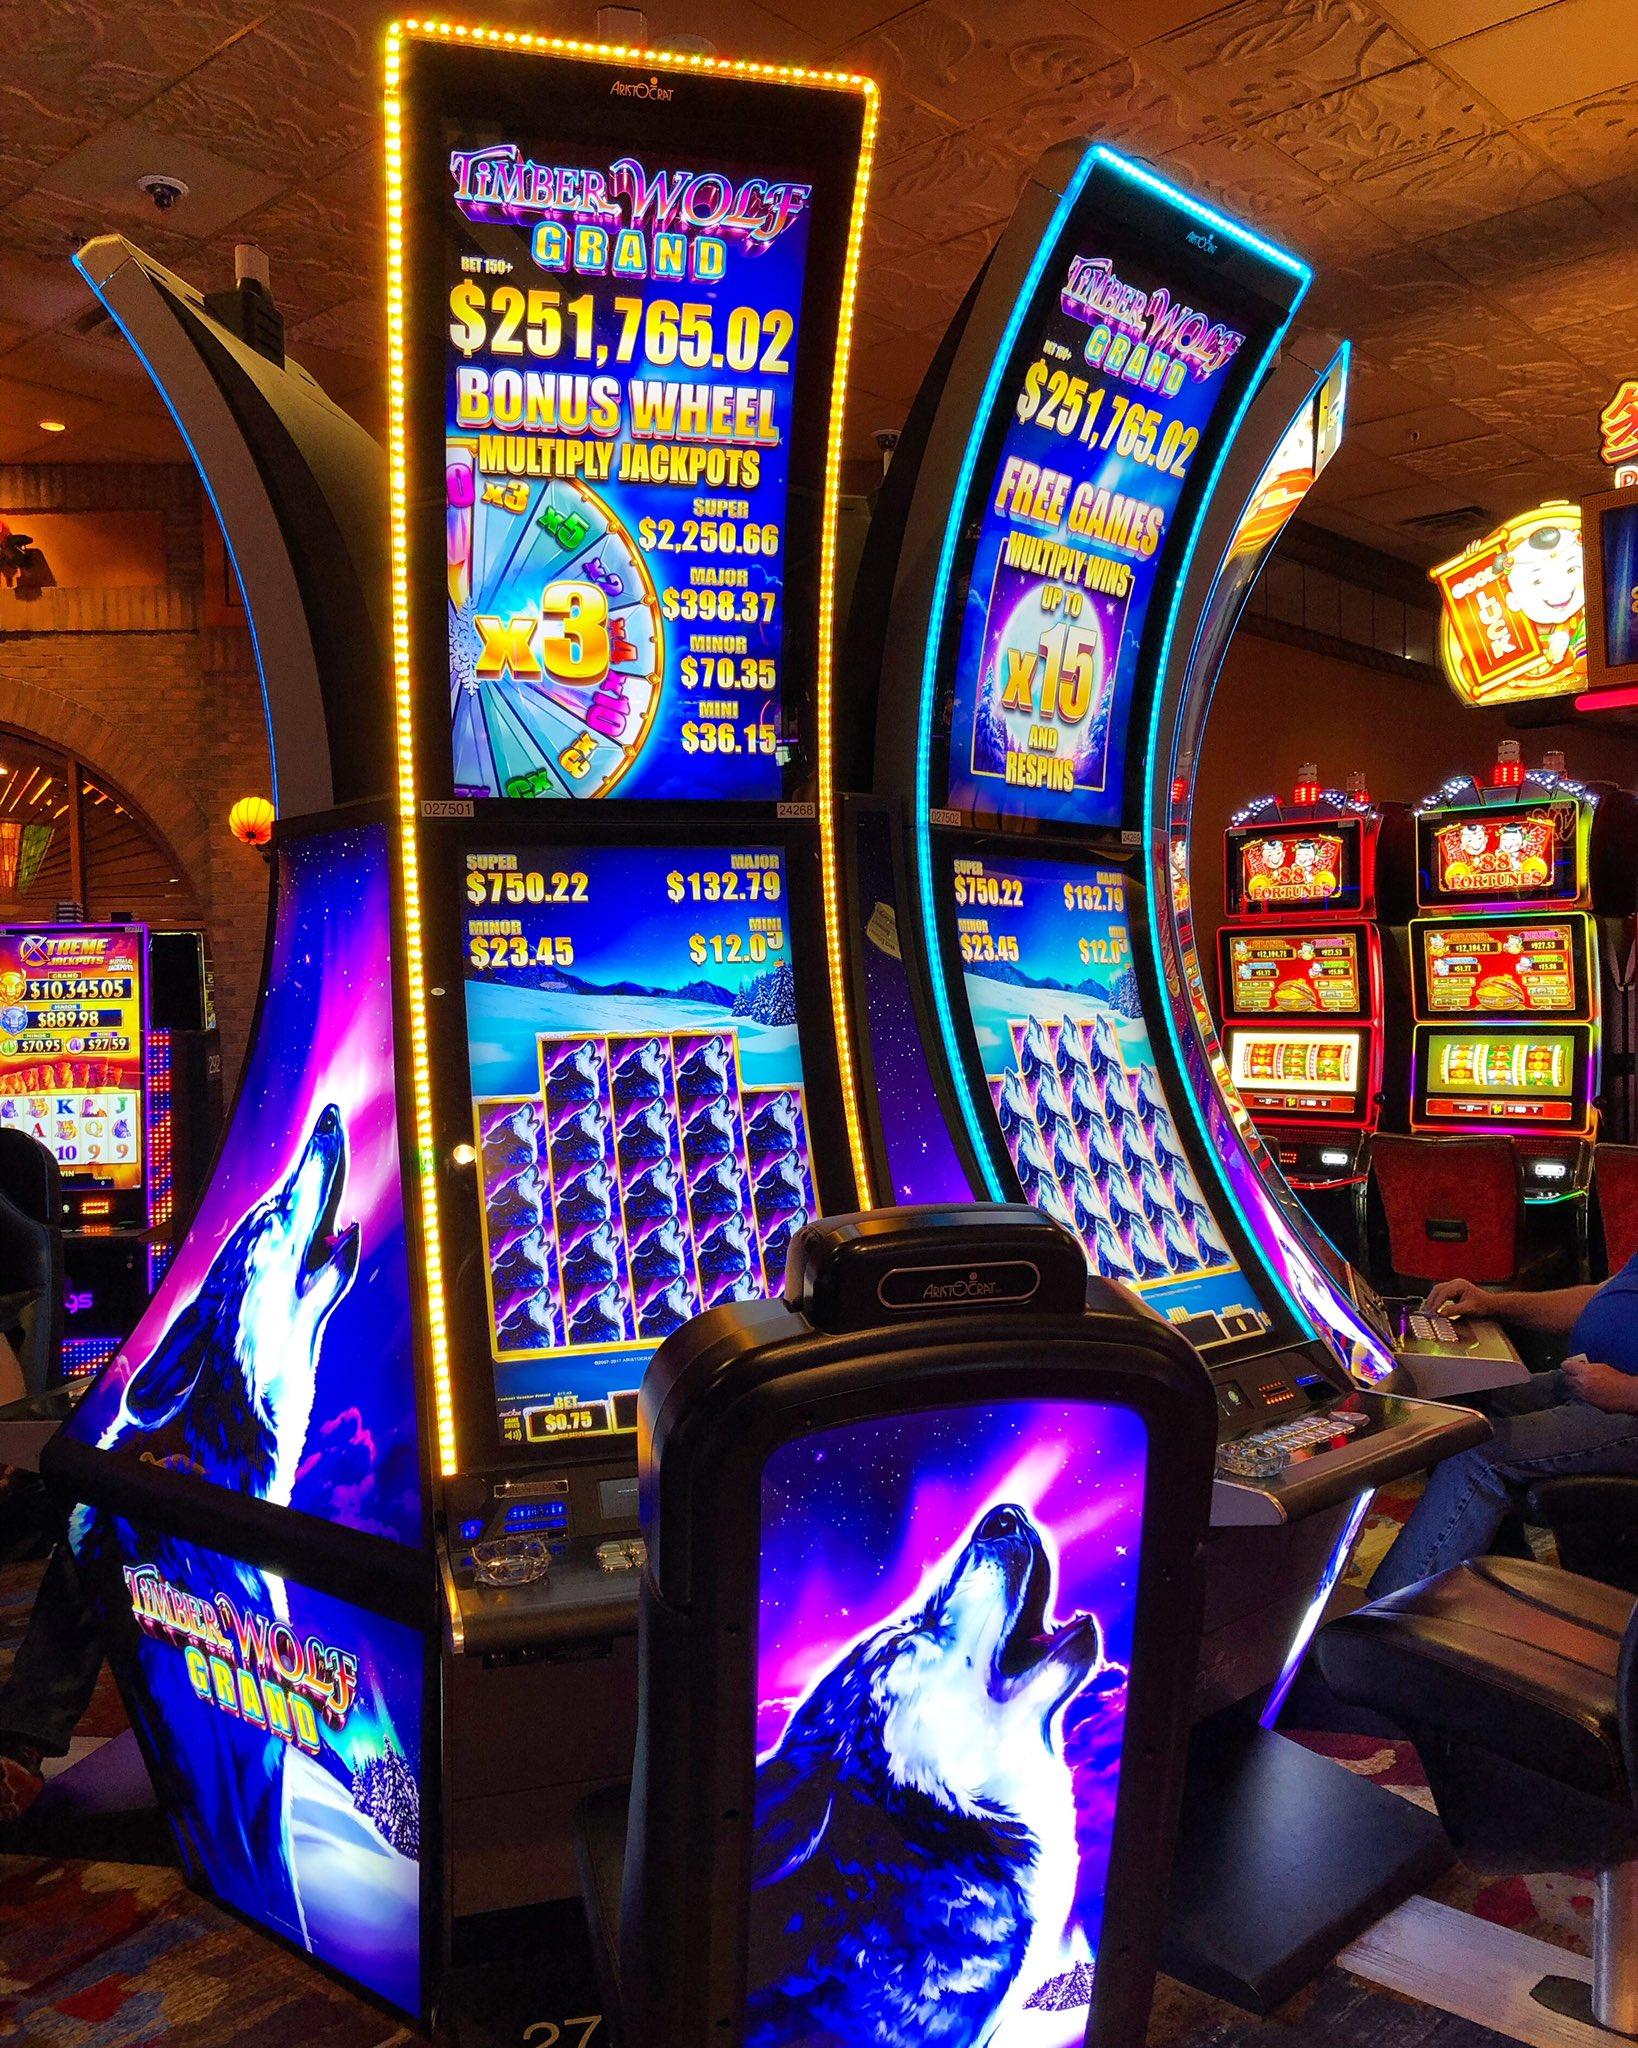 Timber Wolf Grand Slot Machine